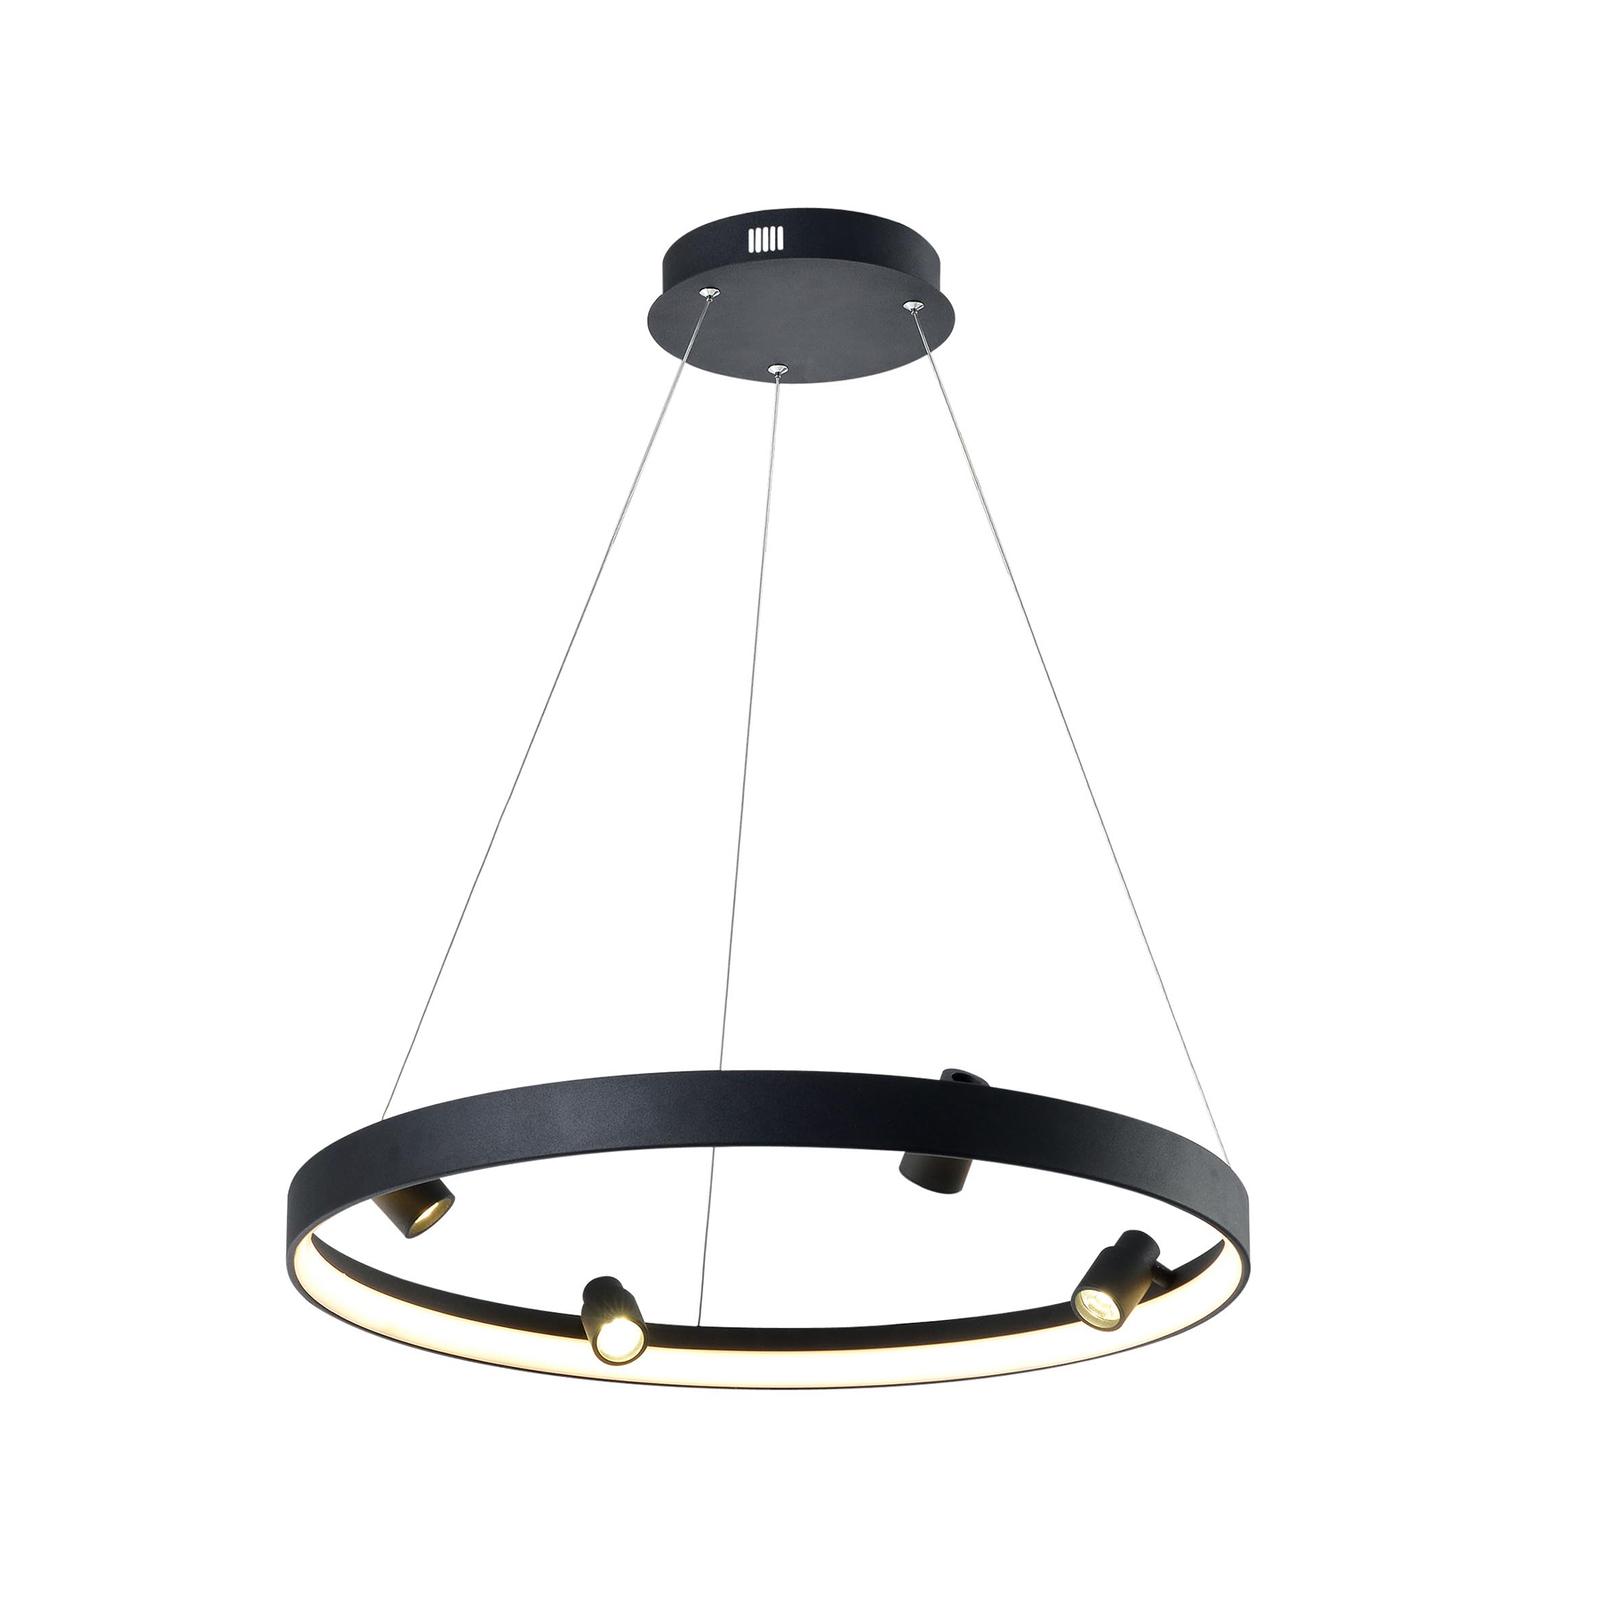 LED-Hängeleuchte Denis, kreisförmig mit vier Spots